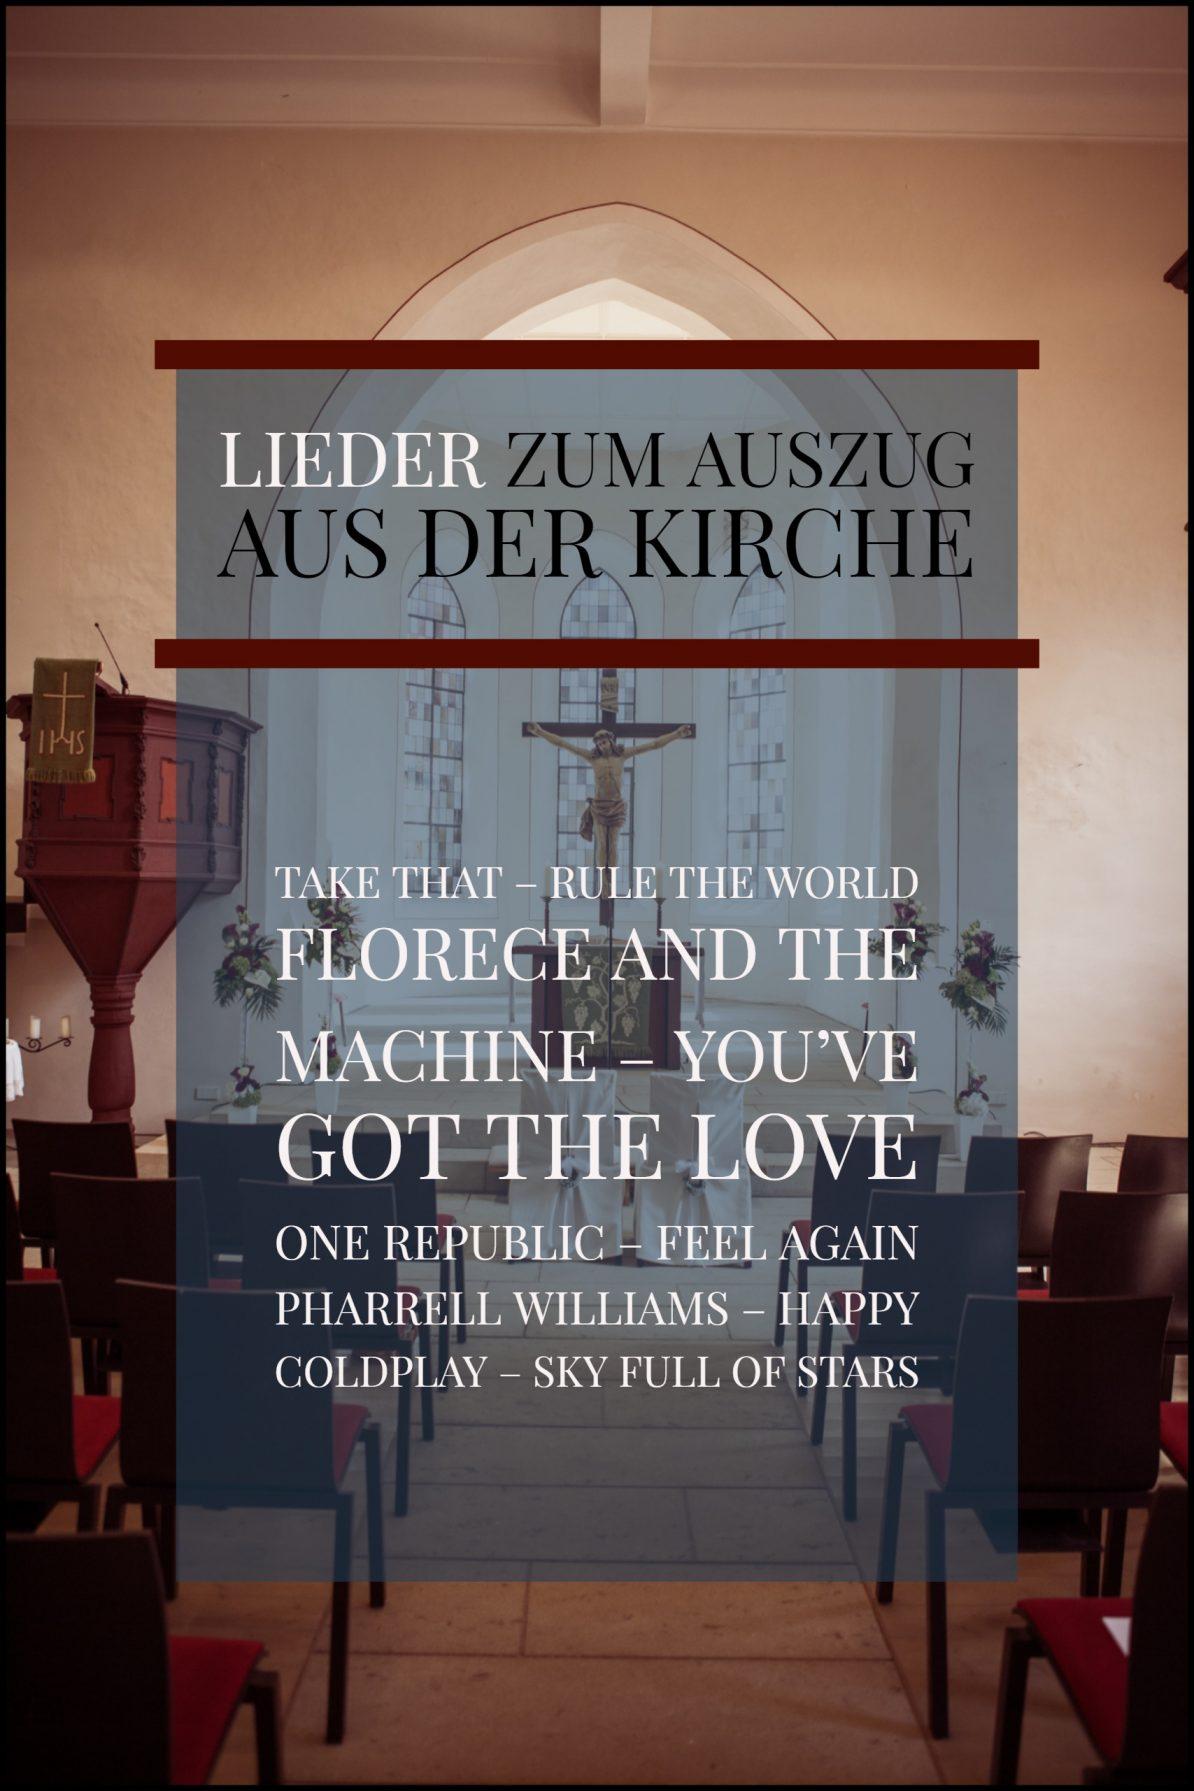 Lieder zum Auszug aus der Kirche